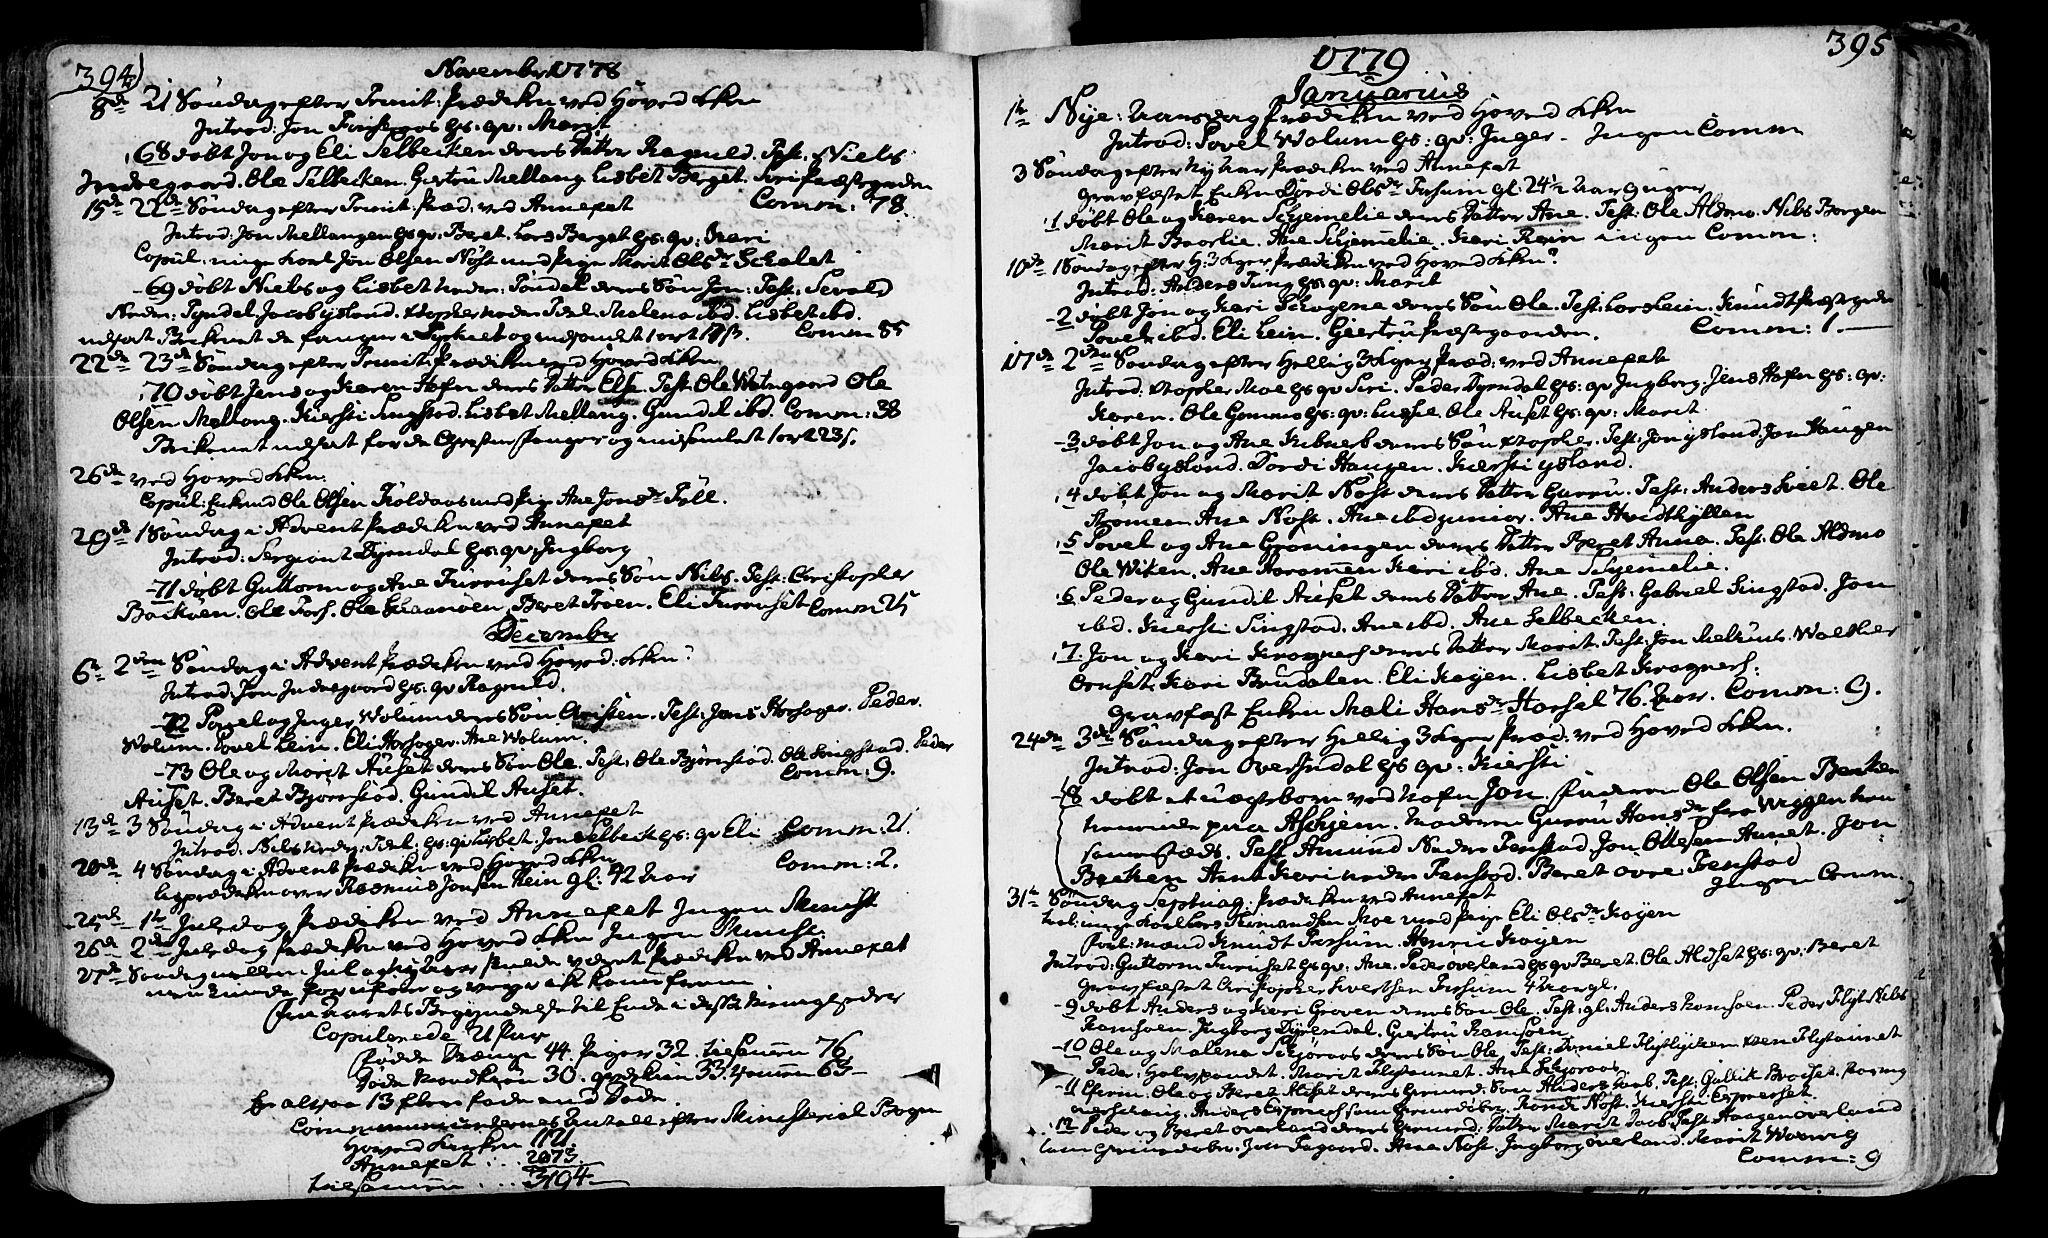 SAT, Ministerialprotokoller, klokkerbøker og fødselsregistre - Sør-Trøndelag, 646/L0605: Ministerialbok nr. 646A03, 1751-1790, s. 394-395